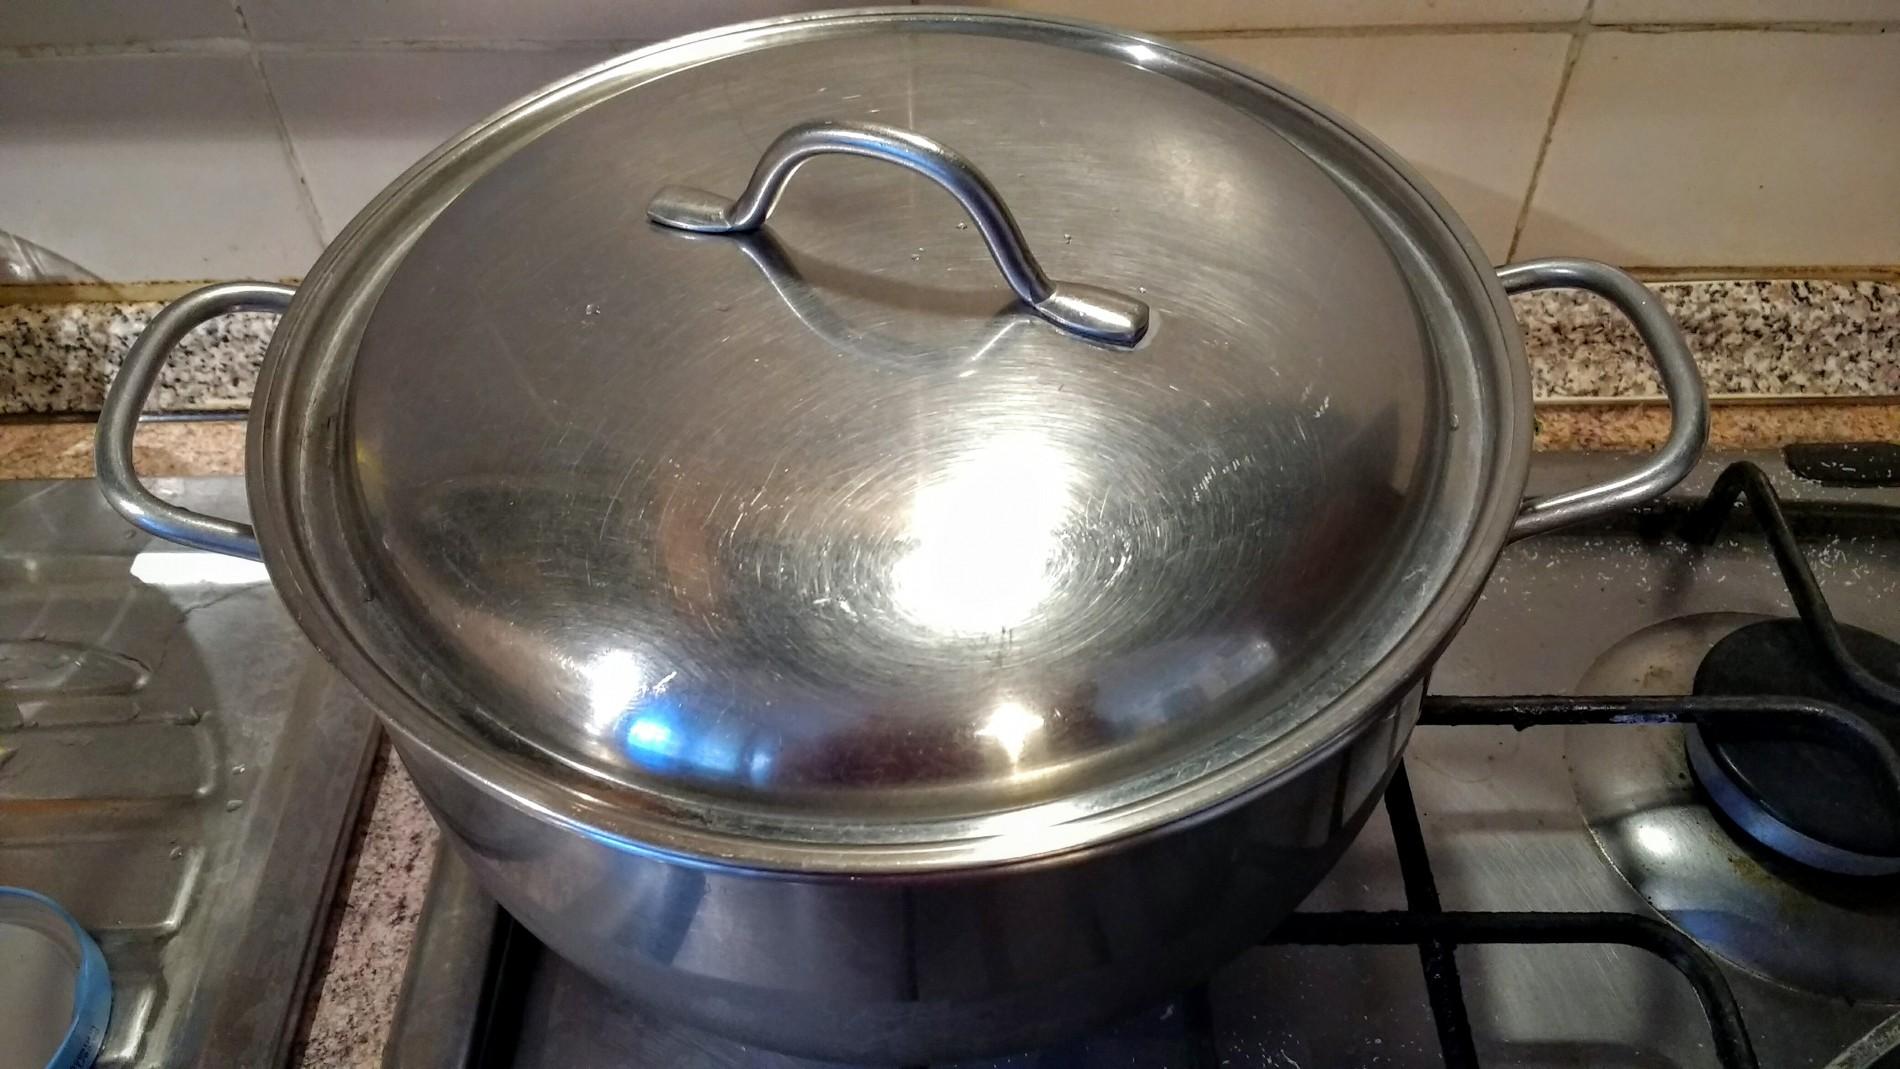 All'incirca un litro per ogni etto di pasta, coperta da un coperchio l'acqua prenderà calore più in fretta e calerà meno per effetto dell'evaporazione.